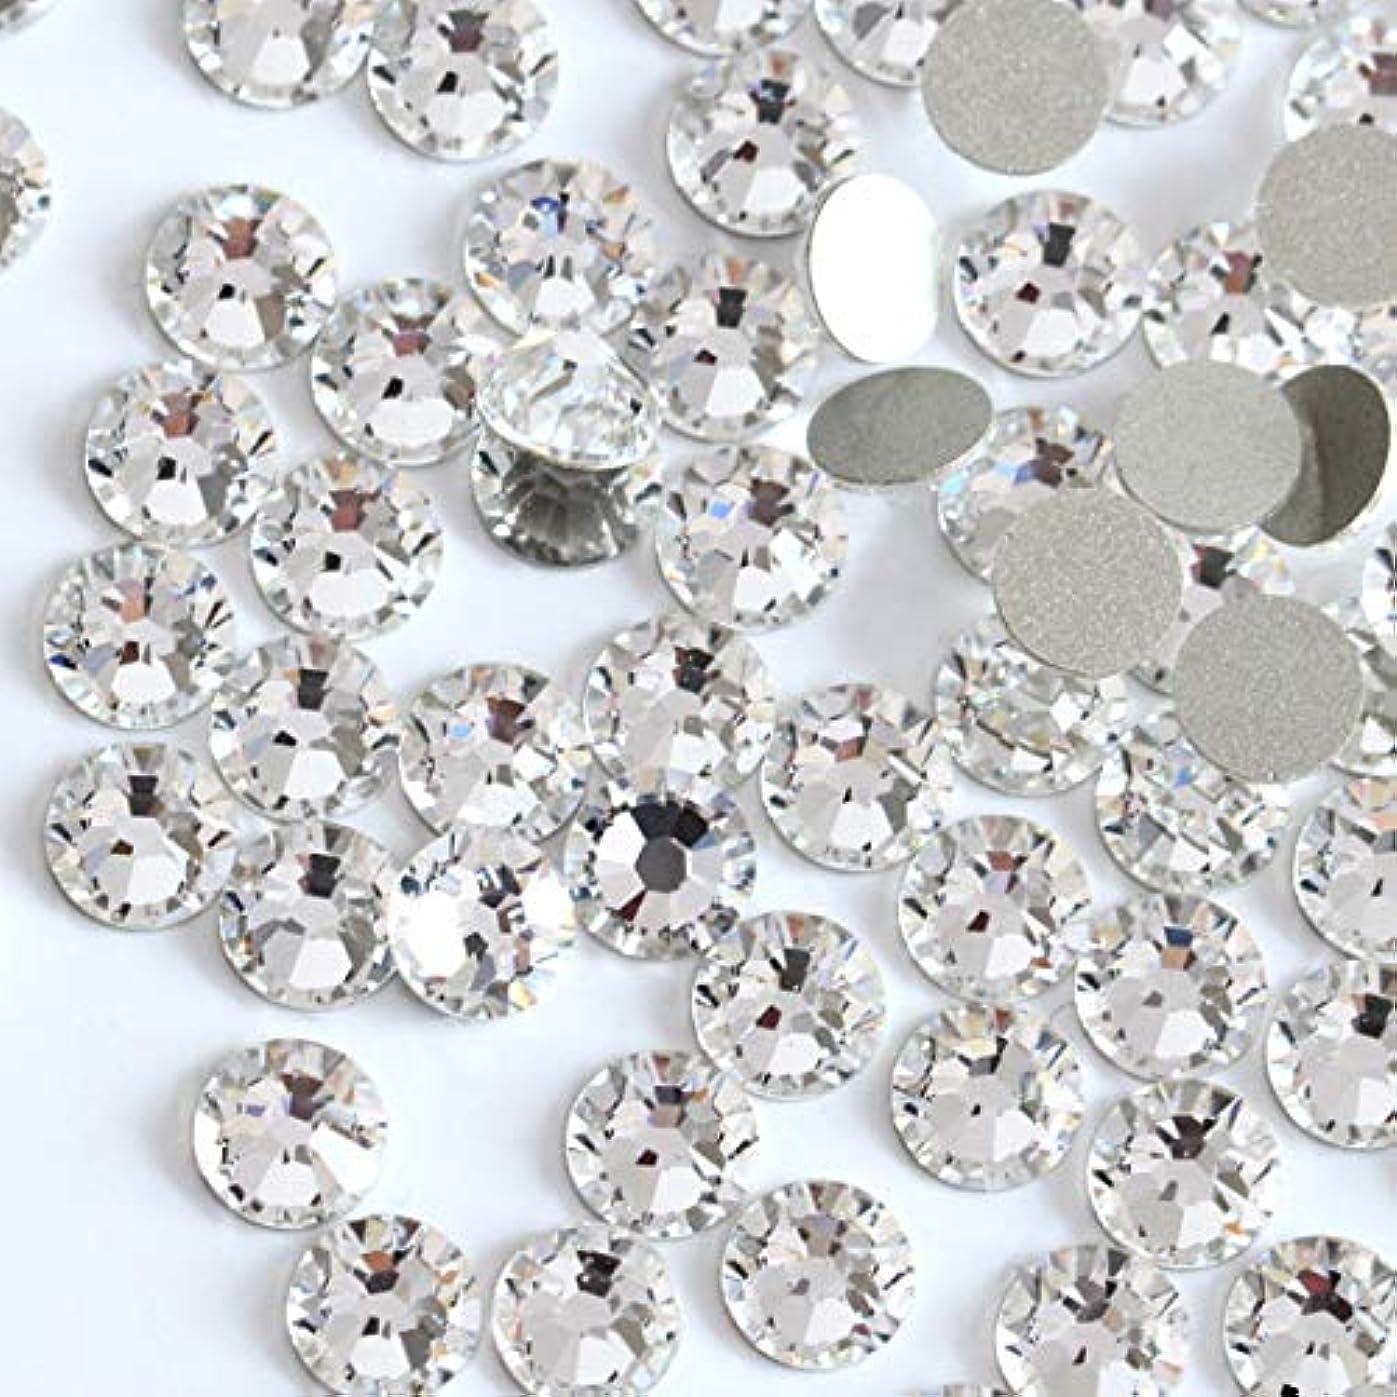 メロディアスダンプ目指す【ラインストーン77】高品質ガラス製ラインストーン クリスタル SS3(1.3mm)約1440粒